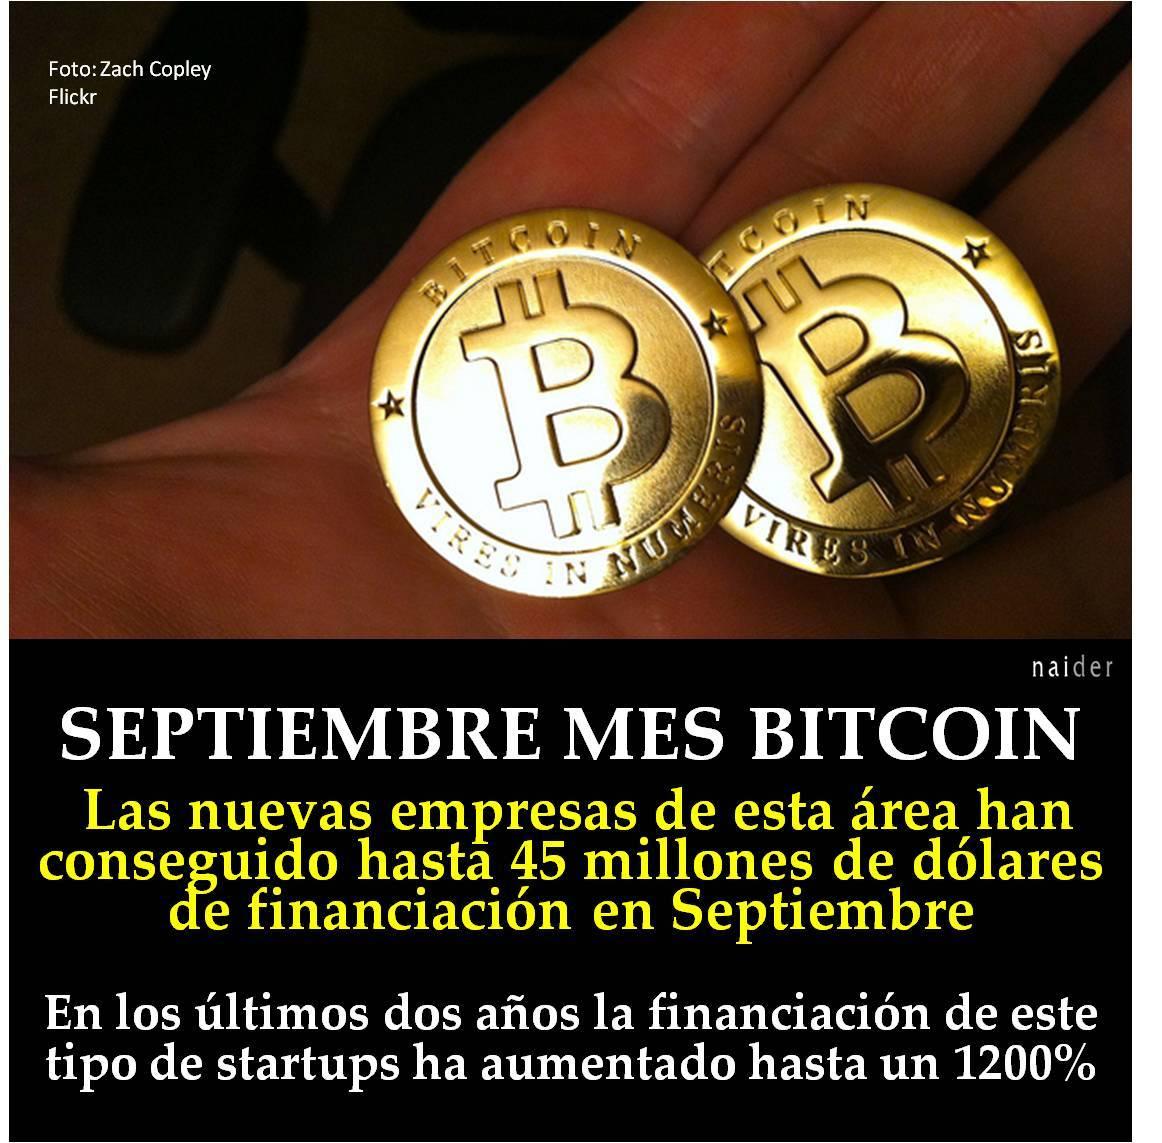 Septiembre mes bitcoin